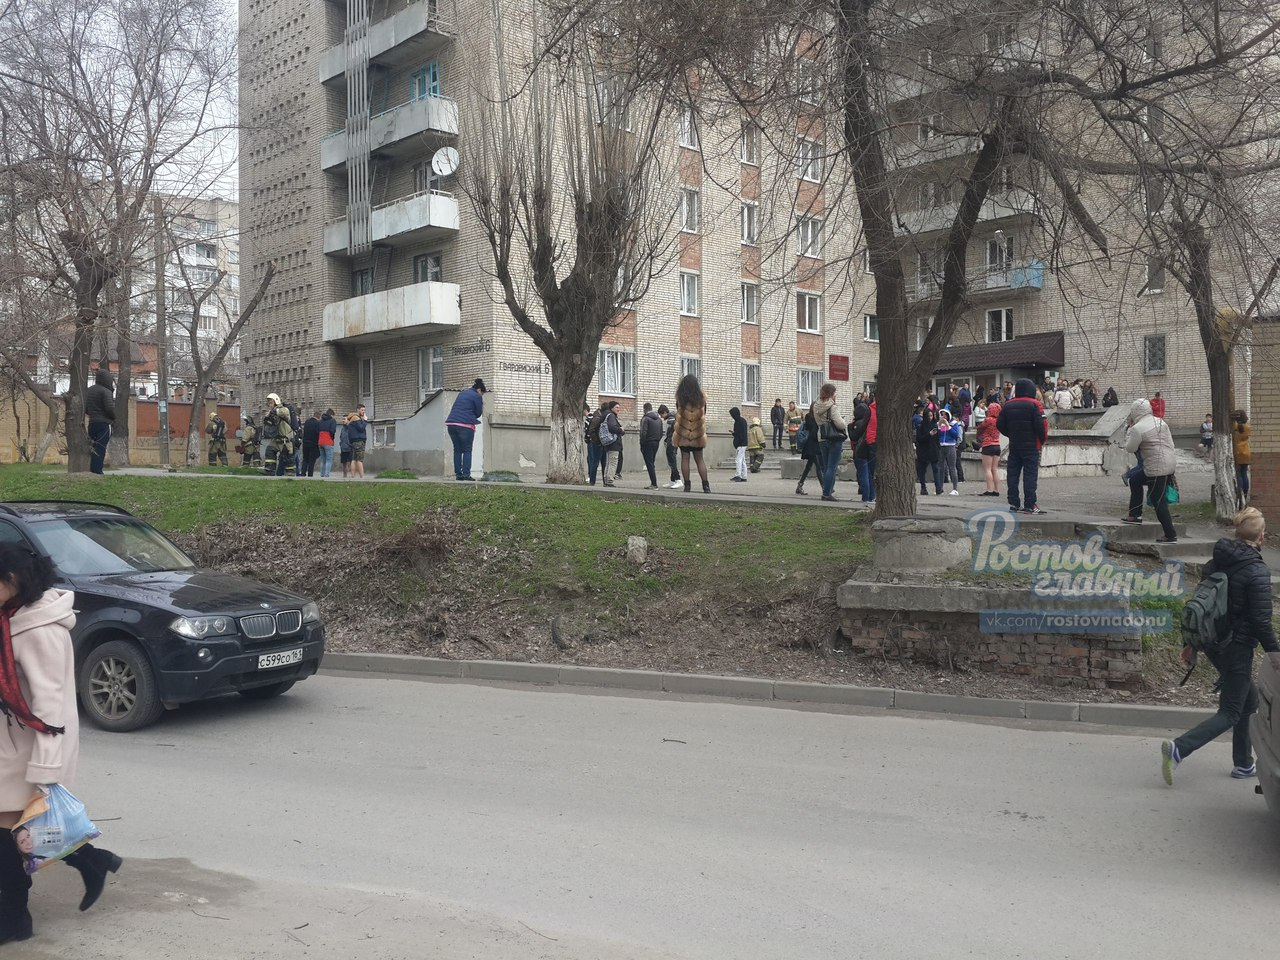 Короткое замыкание случилось вобщежитии вцентре Ростова